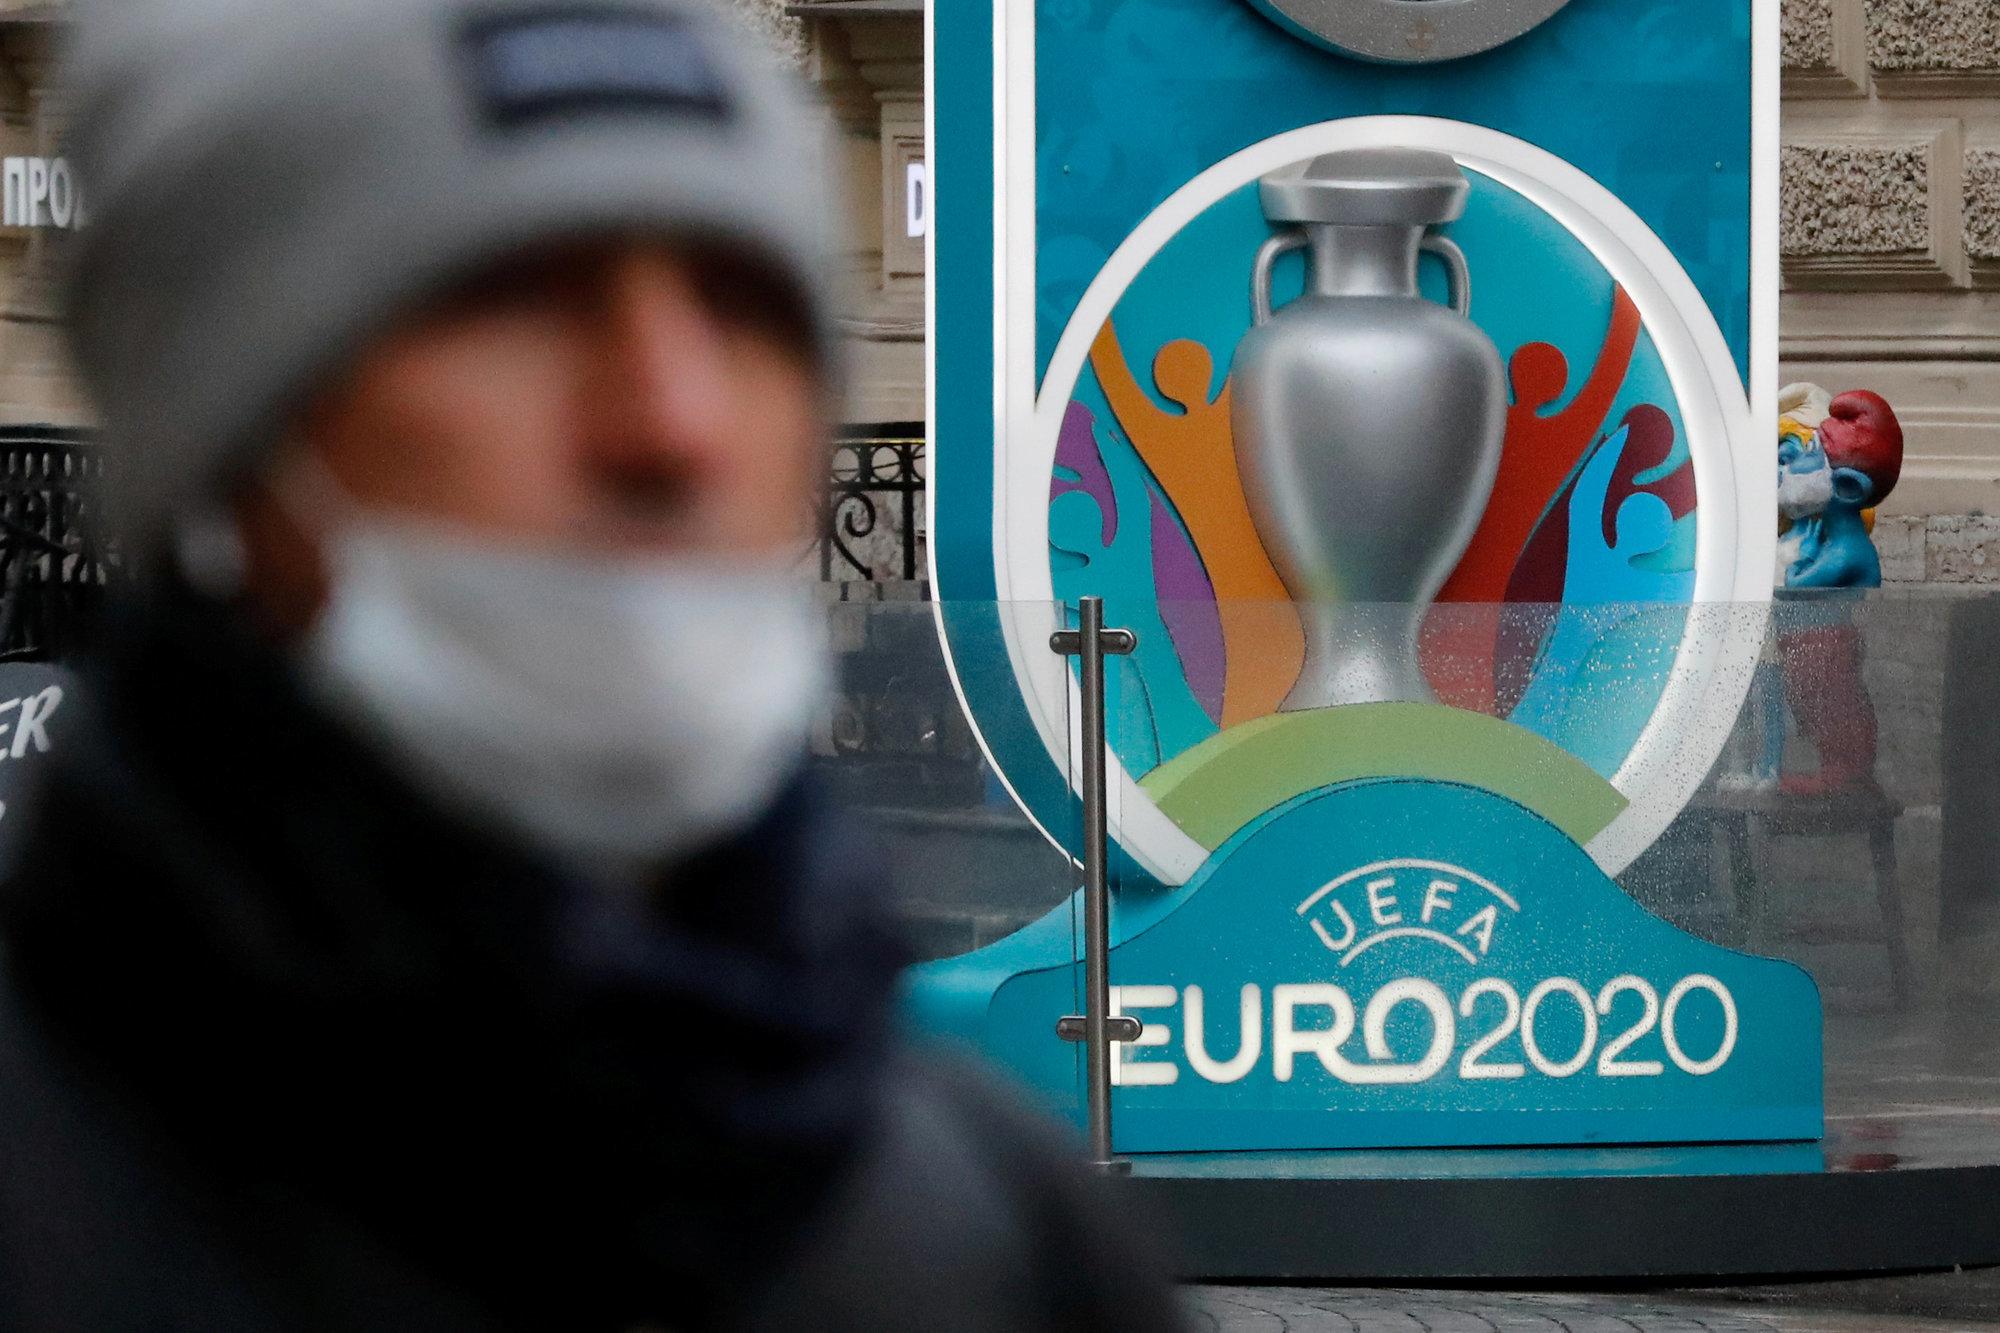 Билеты на чемпионат Европы-2020 можно сдать до 26 января